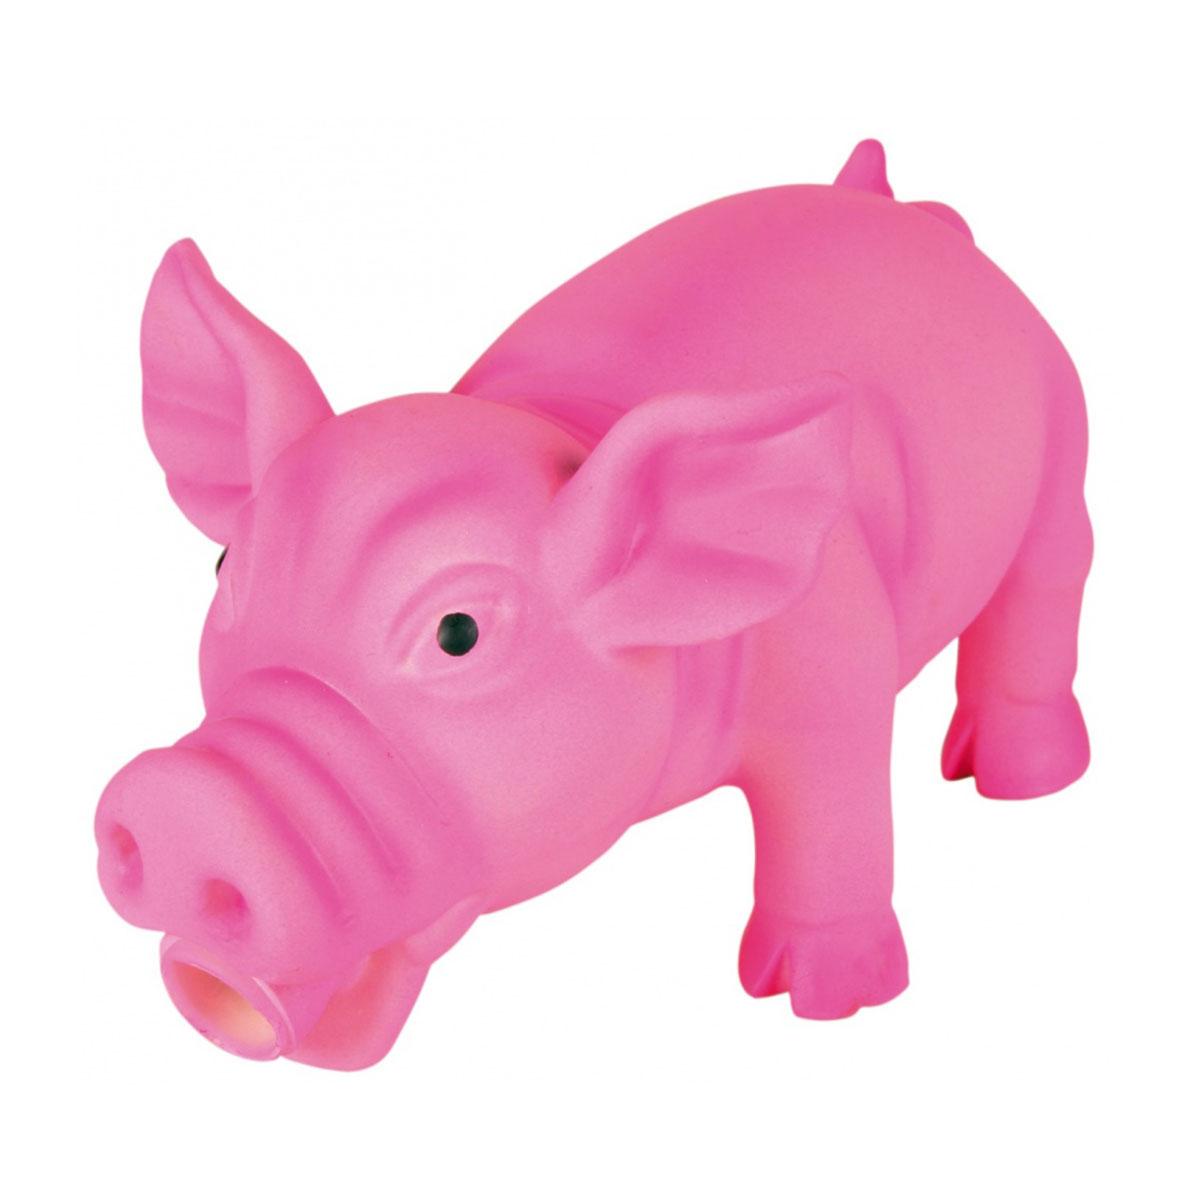 trixie schwein latex spielzeug div farben kaufen bei zooroyal. Black Bedroom Furniture Sets. Home Design Ideas